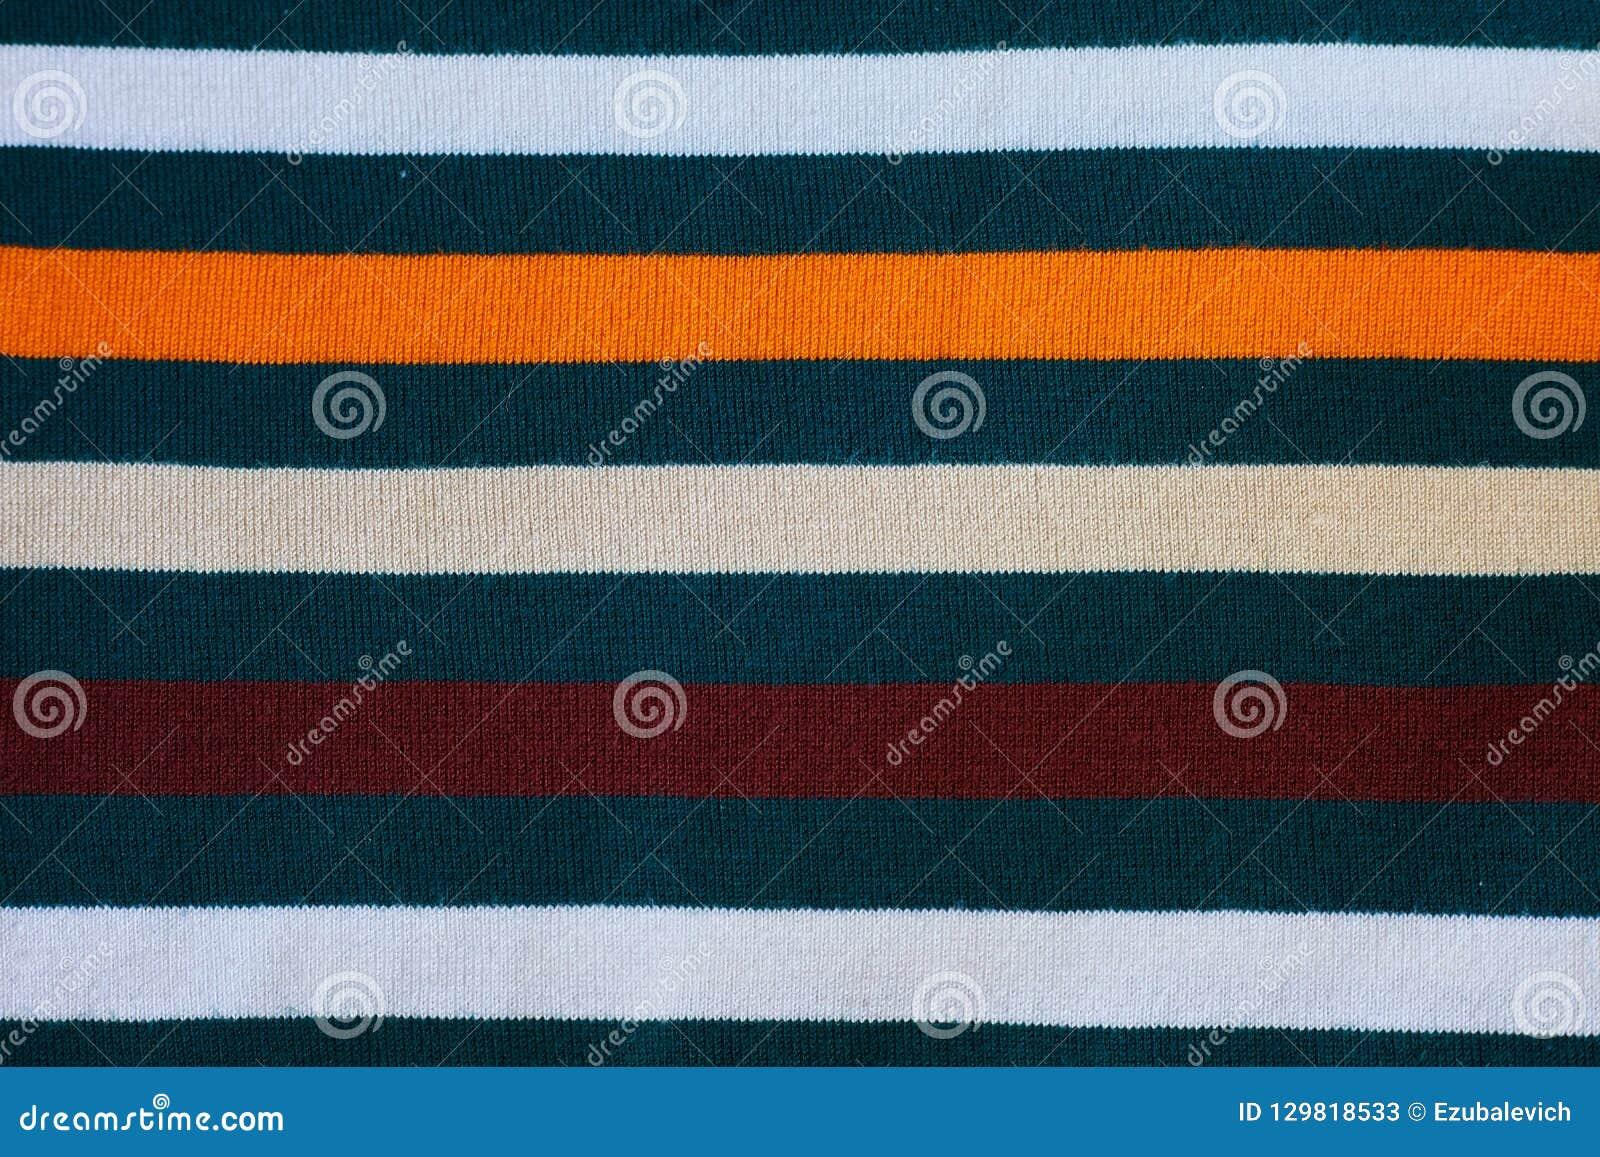 Textur av varm stucken randig kläder